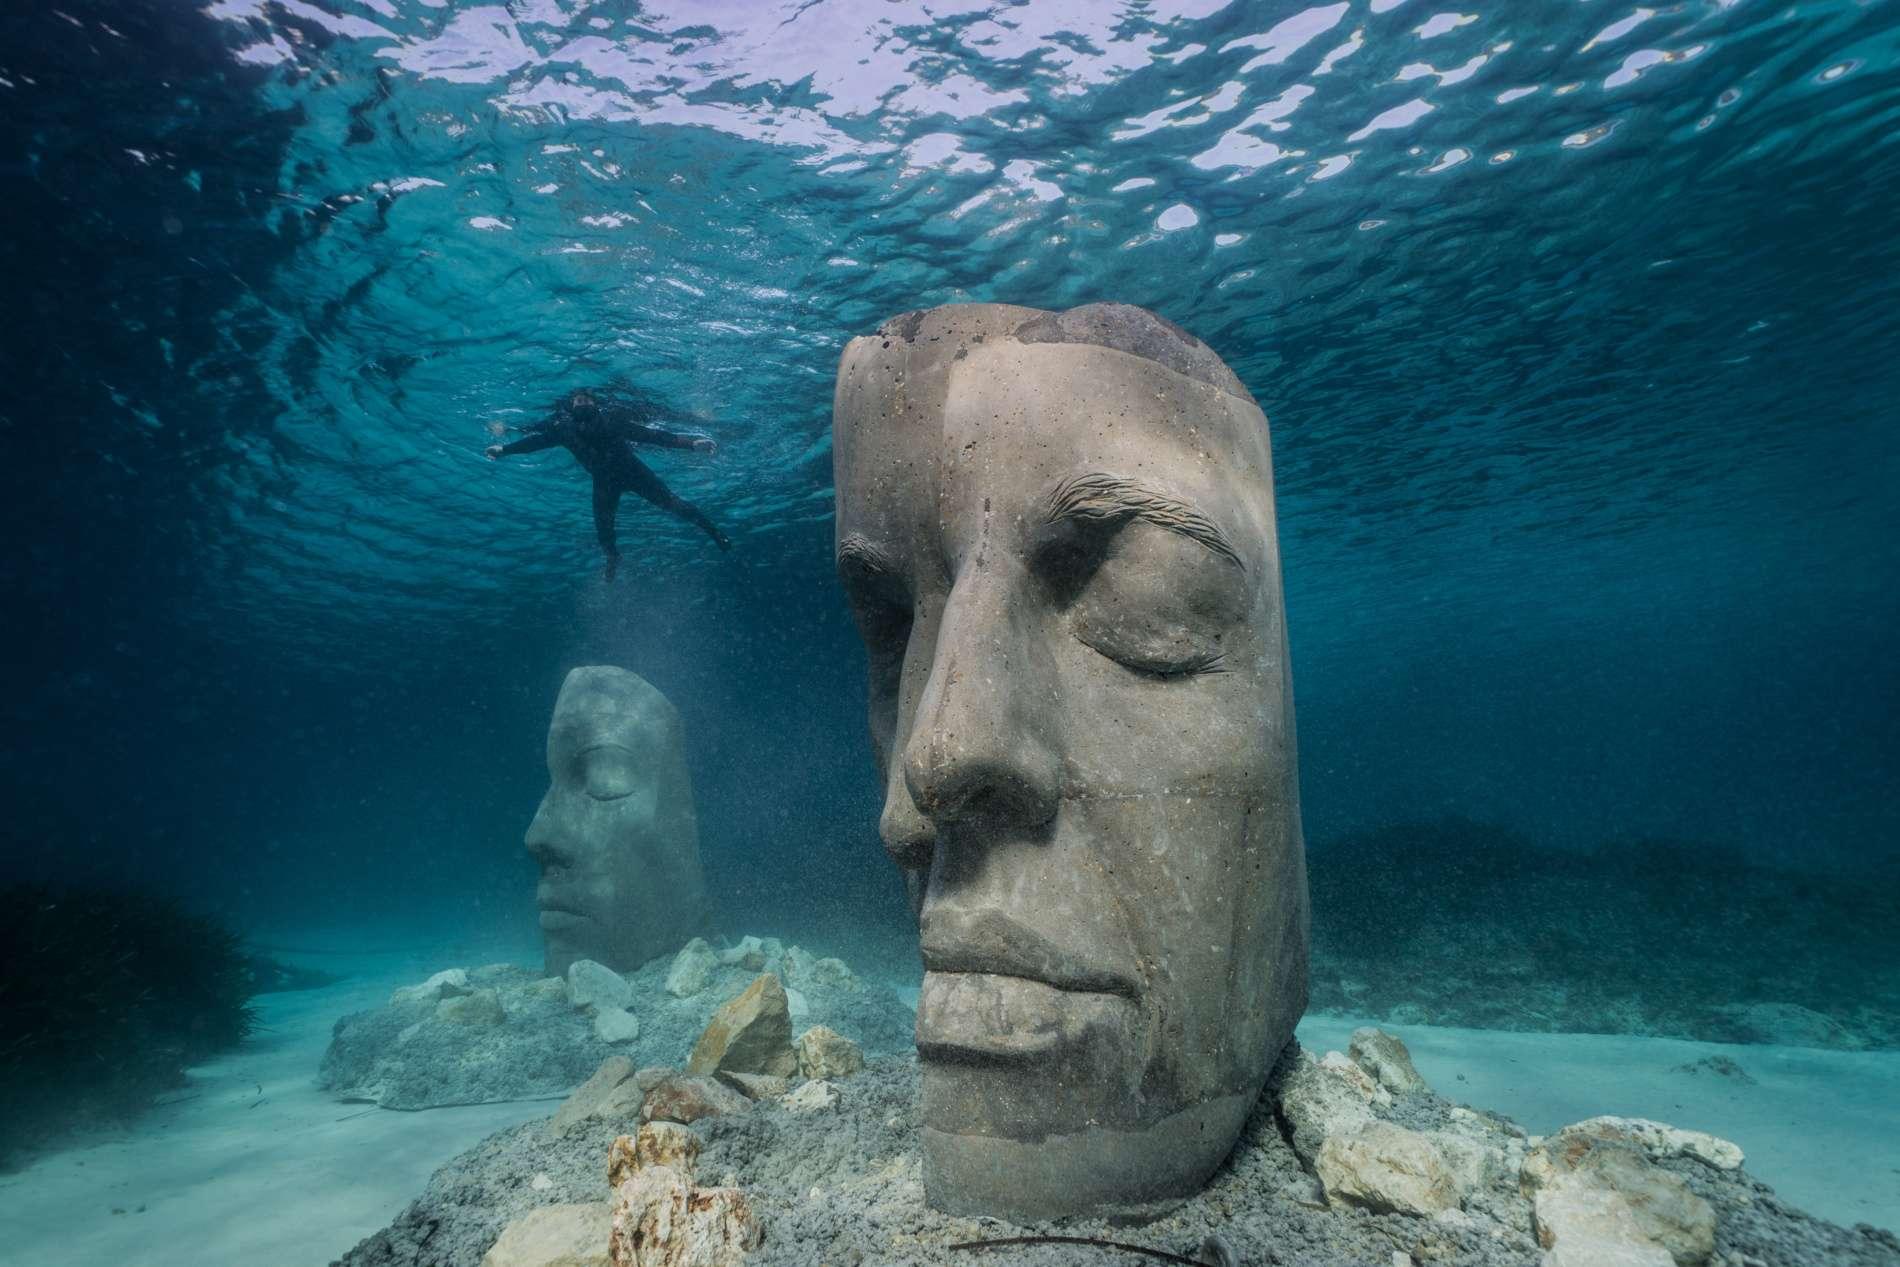 Rzeźby twarzy zatopione w Morzu Śródziemnym